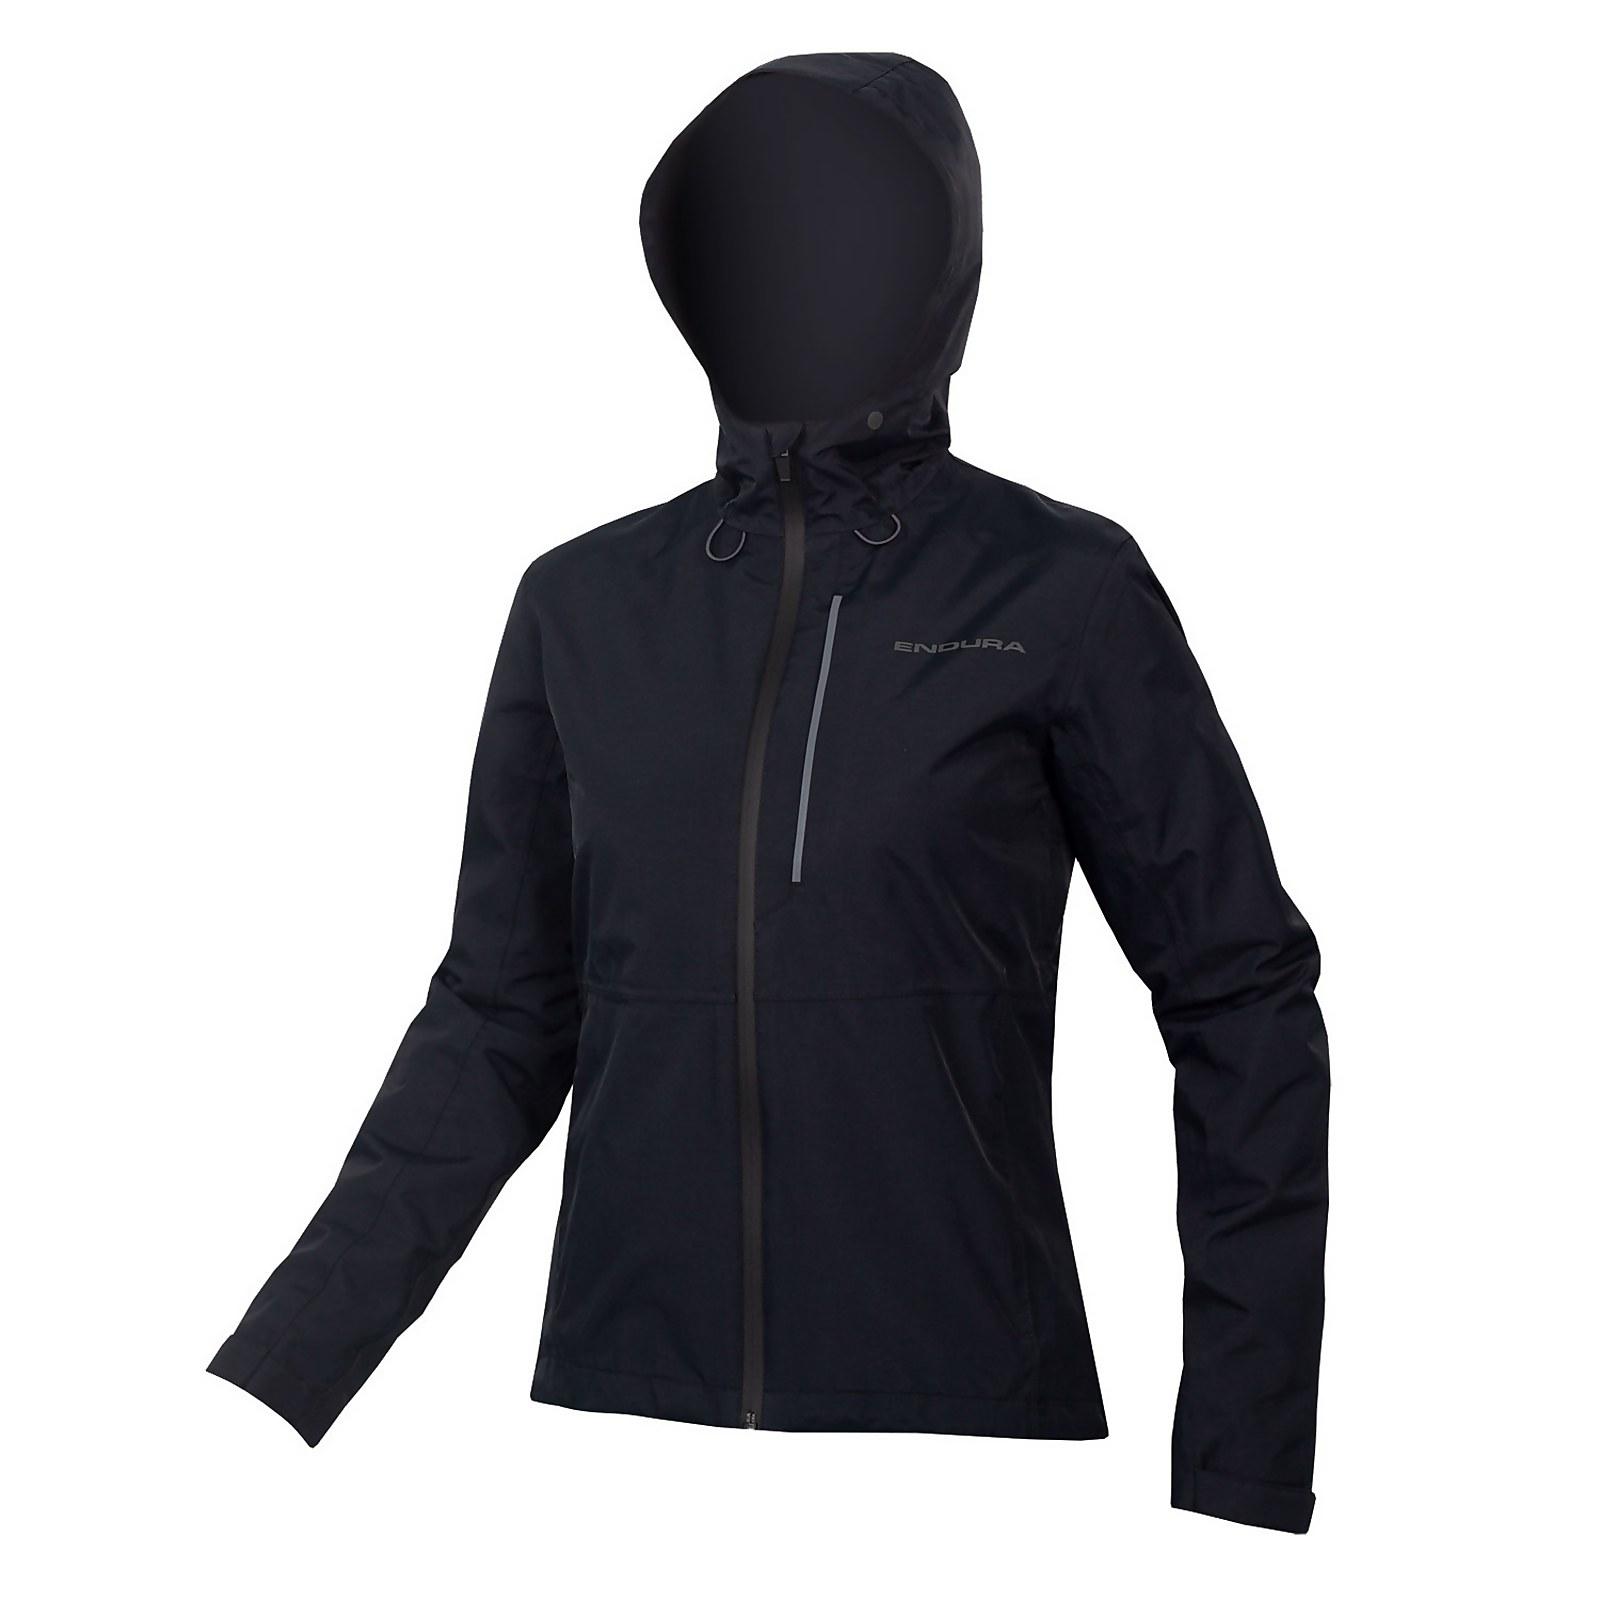 Womens Hummvee Waterproof Hooded Jacket - Black - S